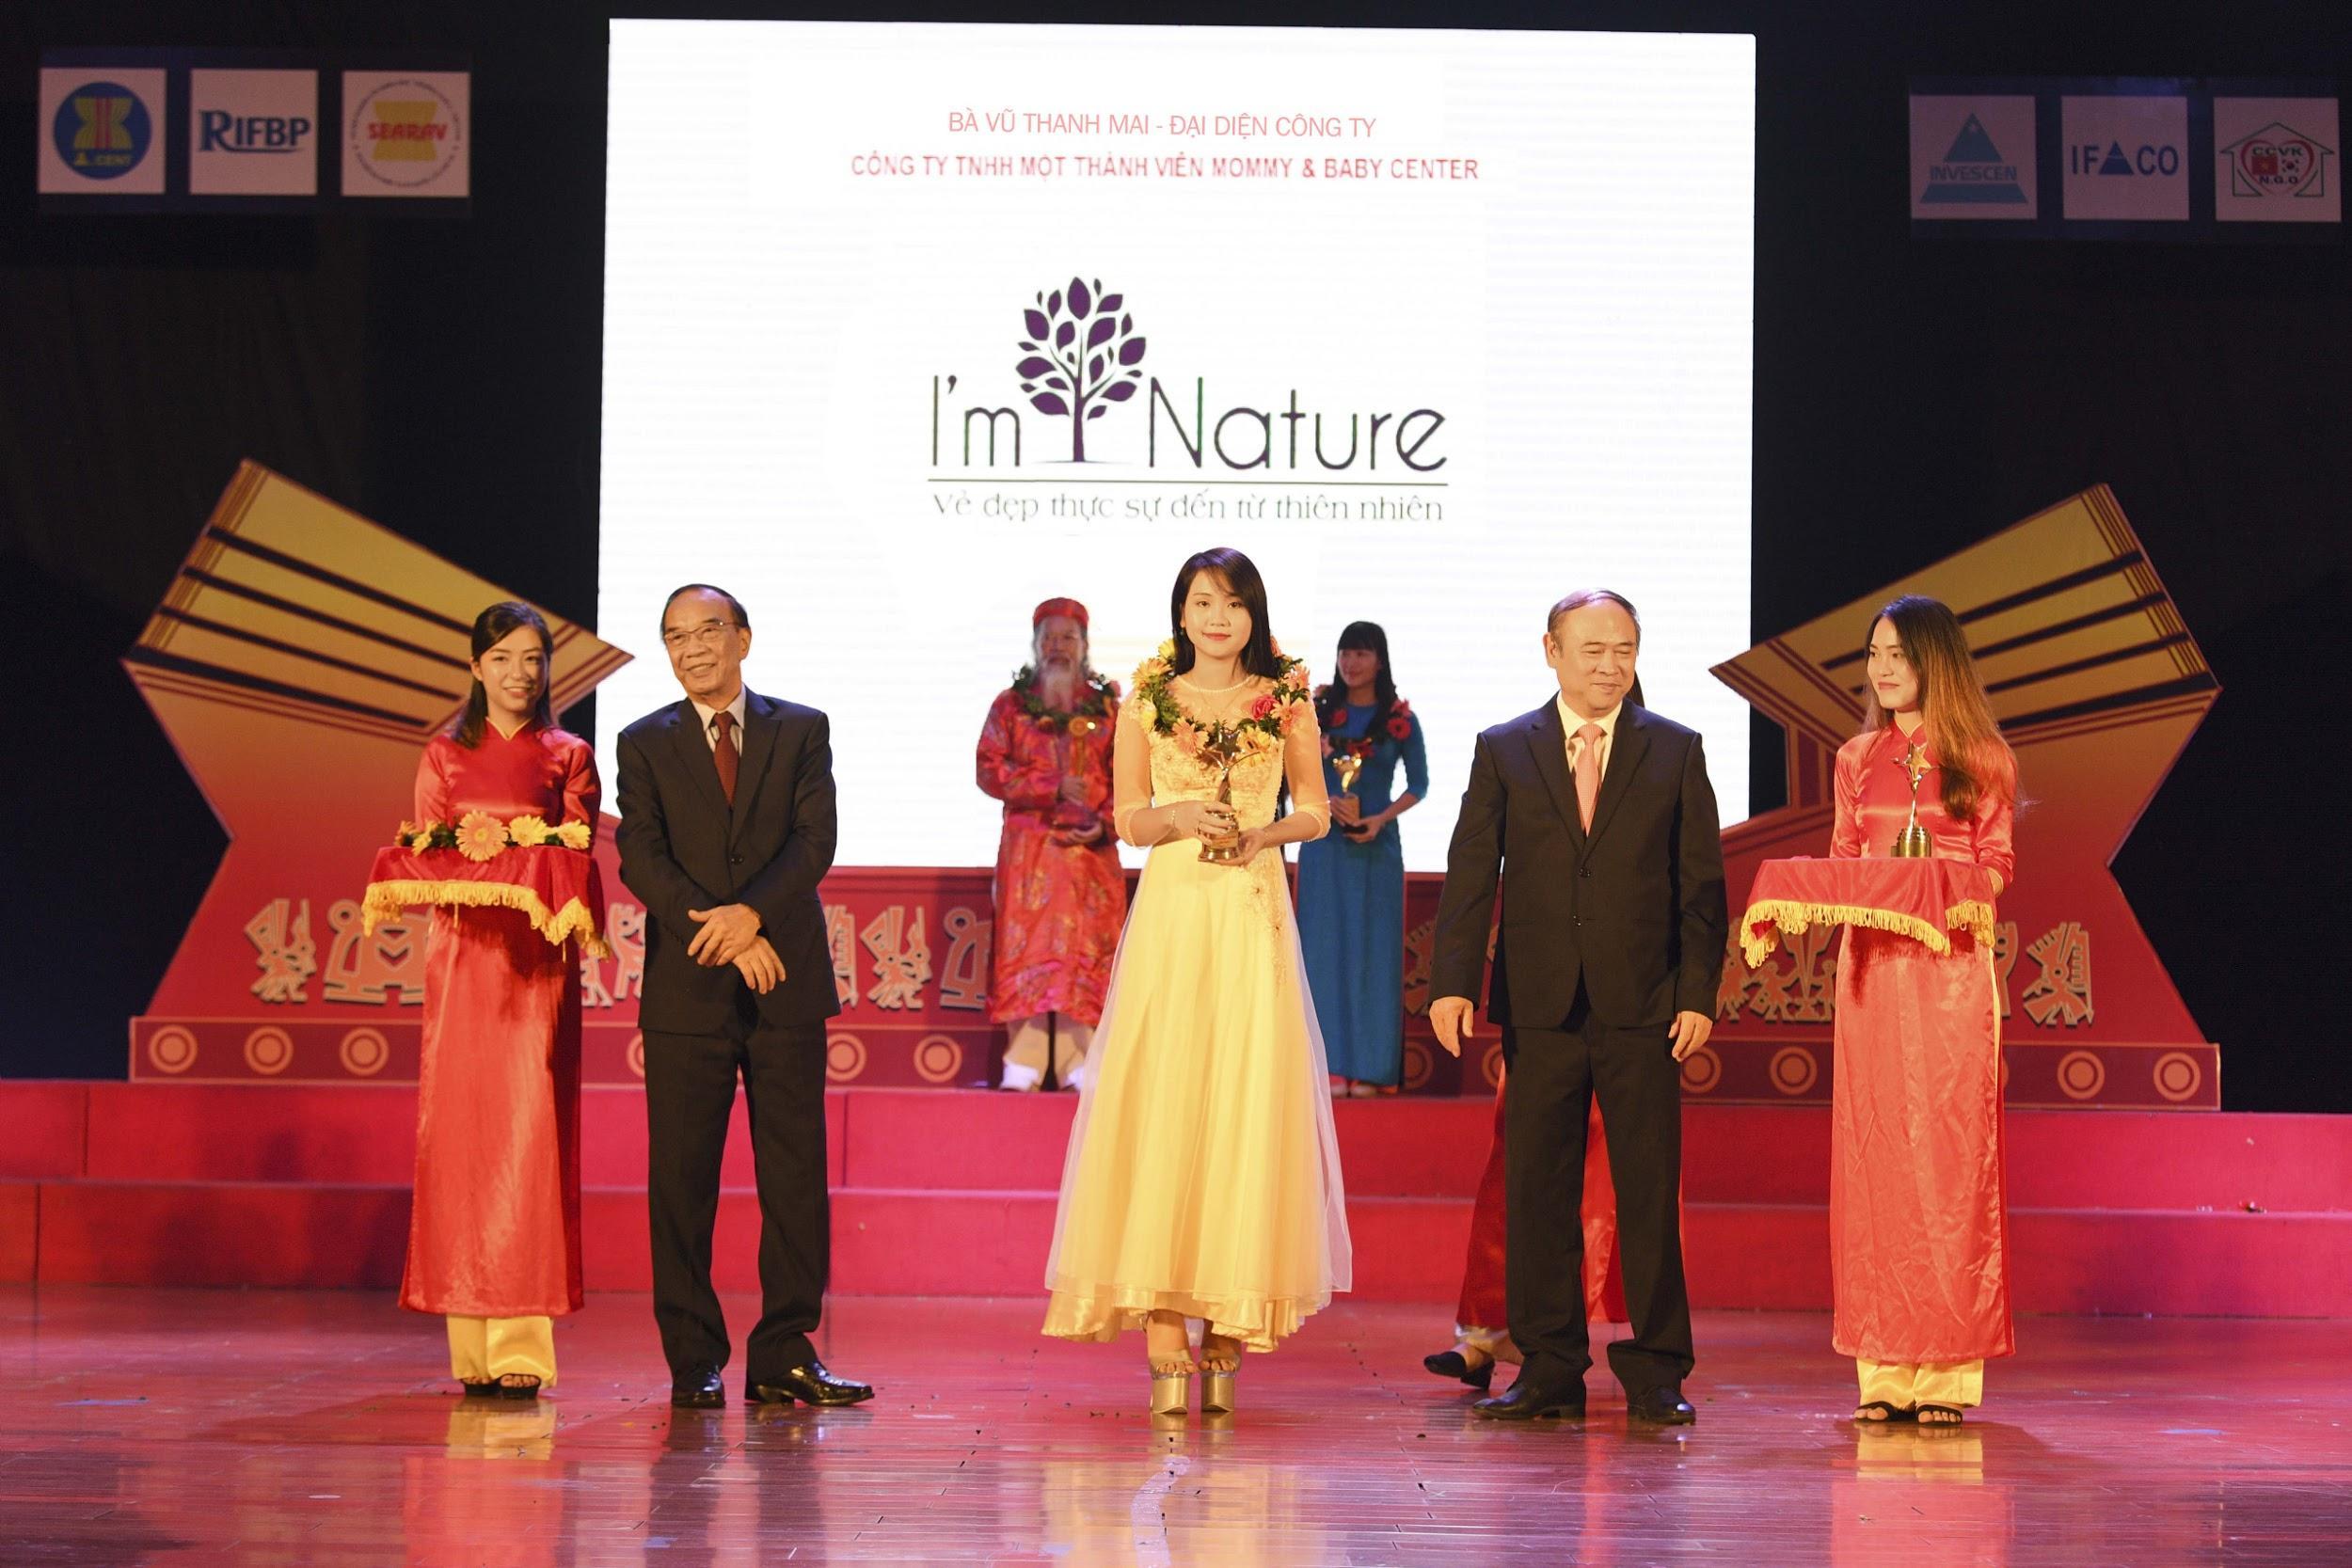 Top 10 Doanh nghiệp tiêu biểu Đông Nam Á xướng tên mỹ phẩm thiên nhiên I 1